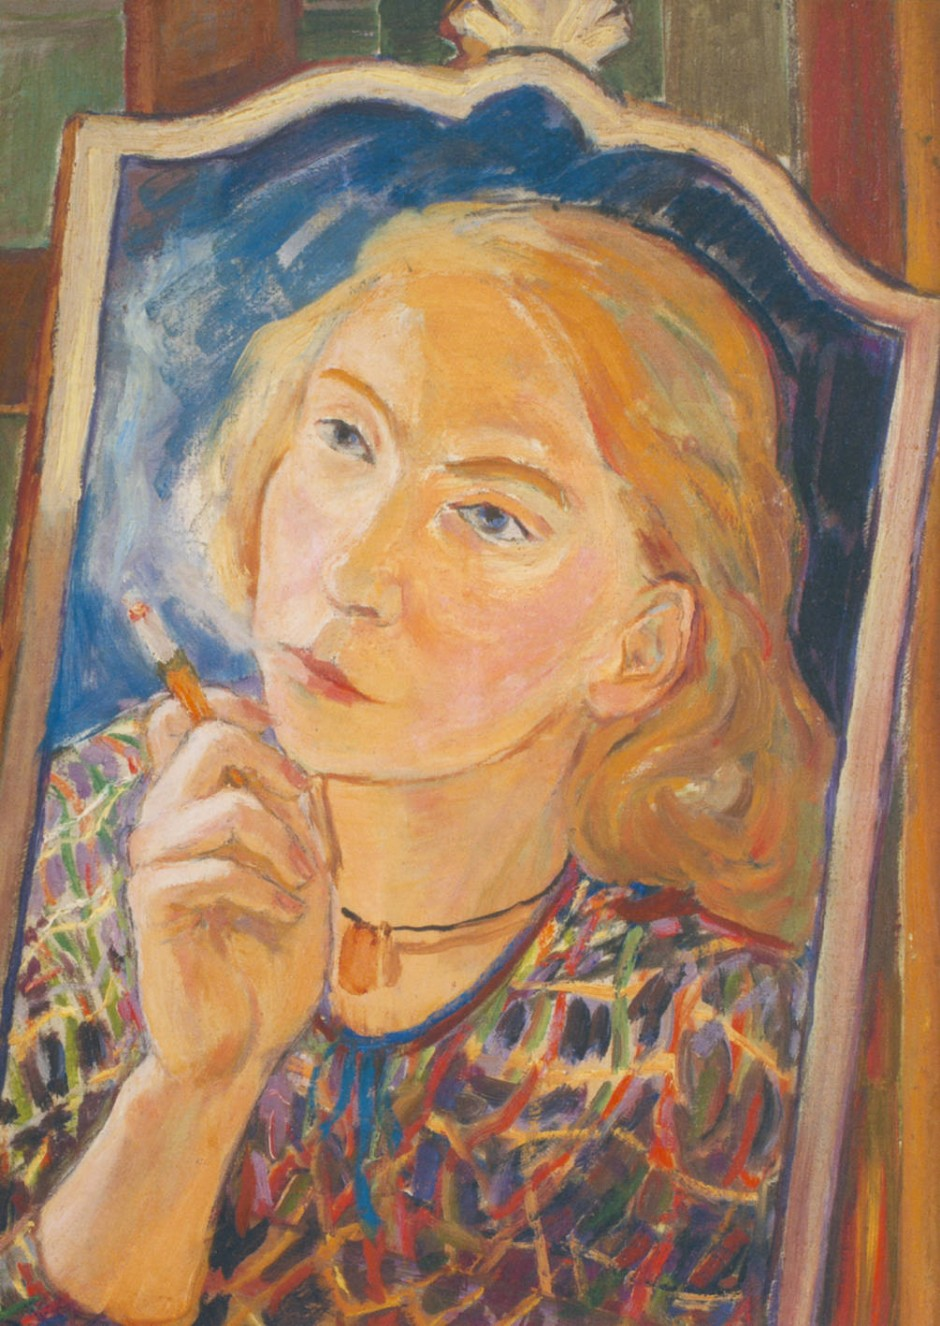 Blick aus dem Spiegel: Das Selbstporträt entstand 1939.